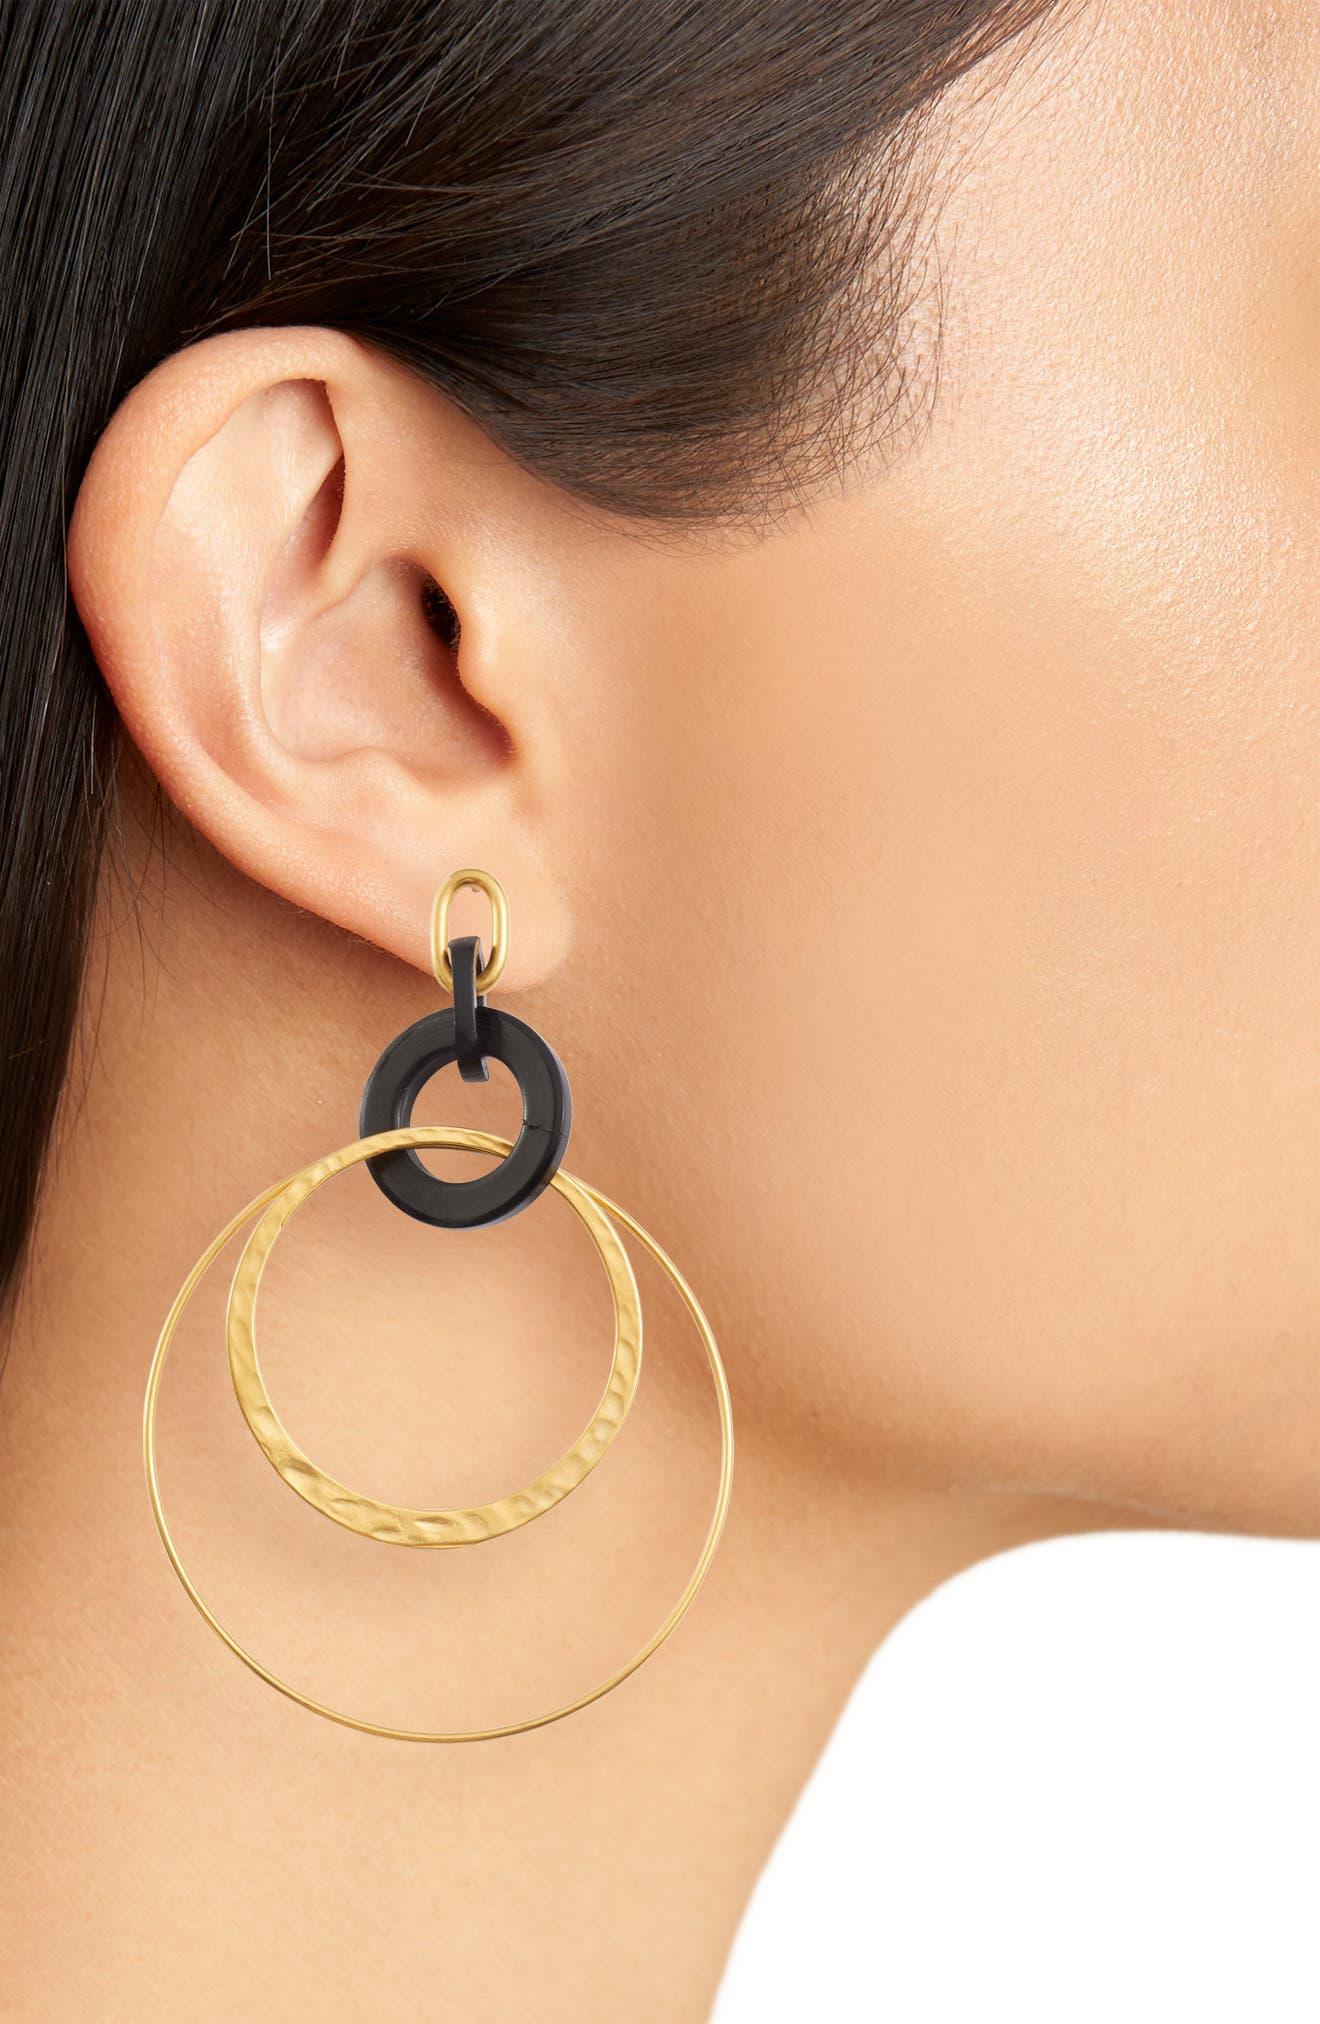 Horn Hoop Earrings,                             Alternate thumbnail 2, color,                             BLACK HORN